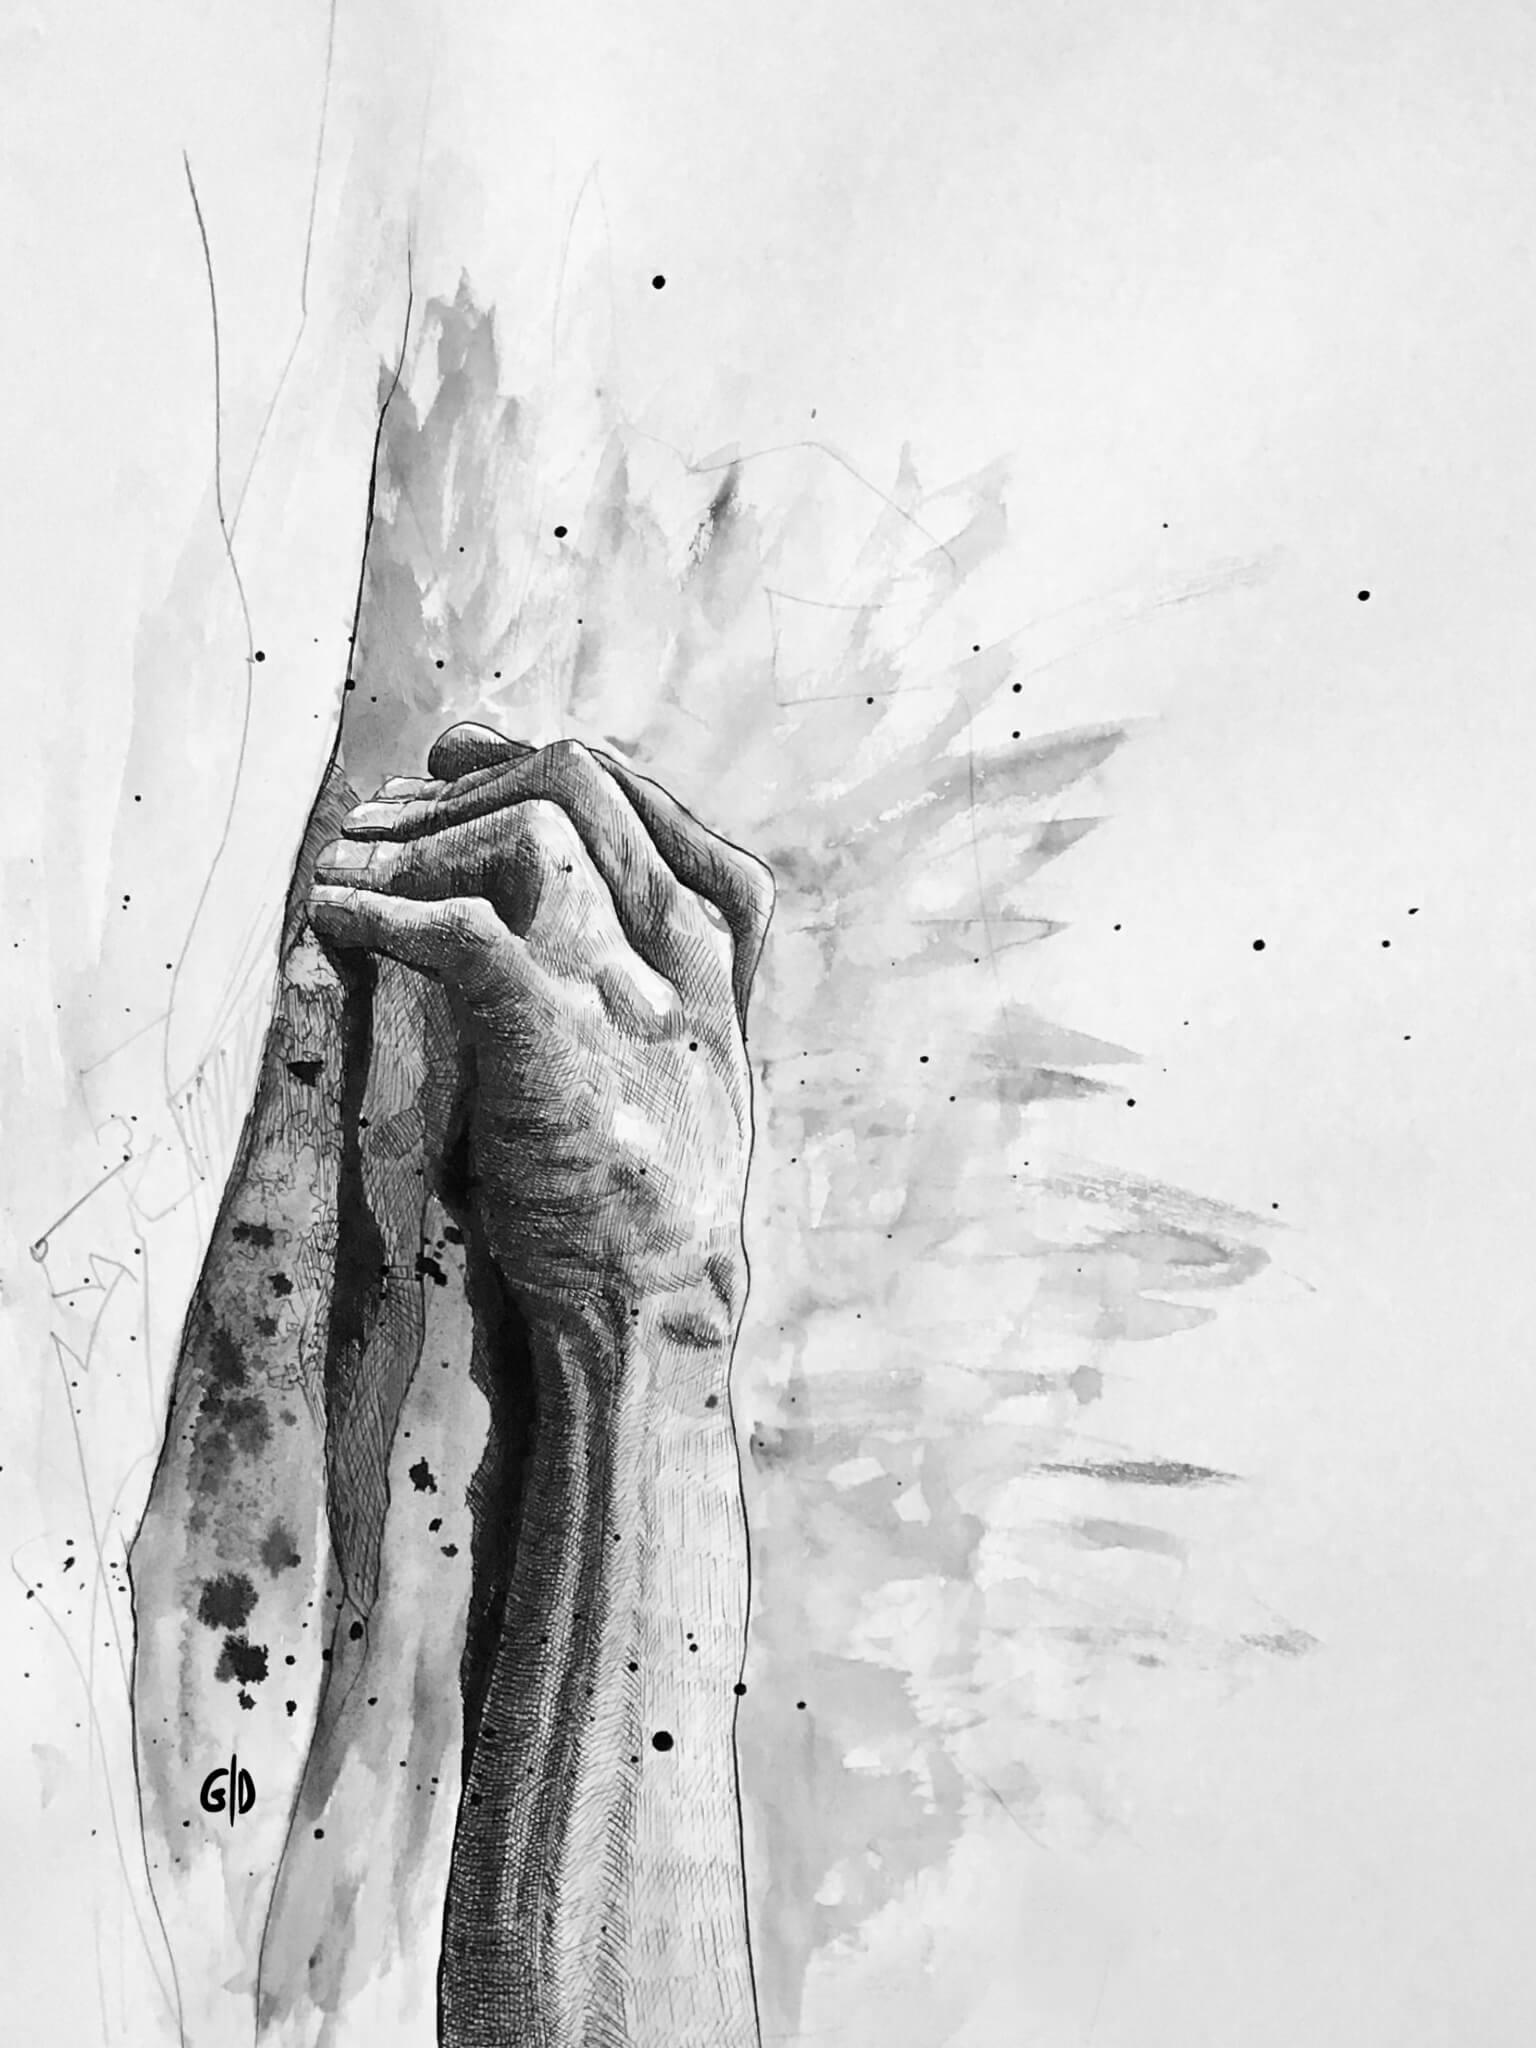 La Vie Au Bout Des Doigts : doigts, Doigts, Guigui, Dessine